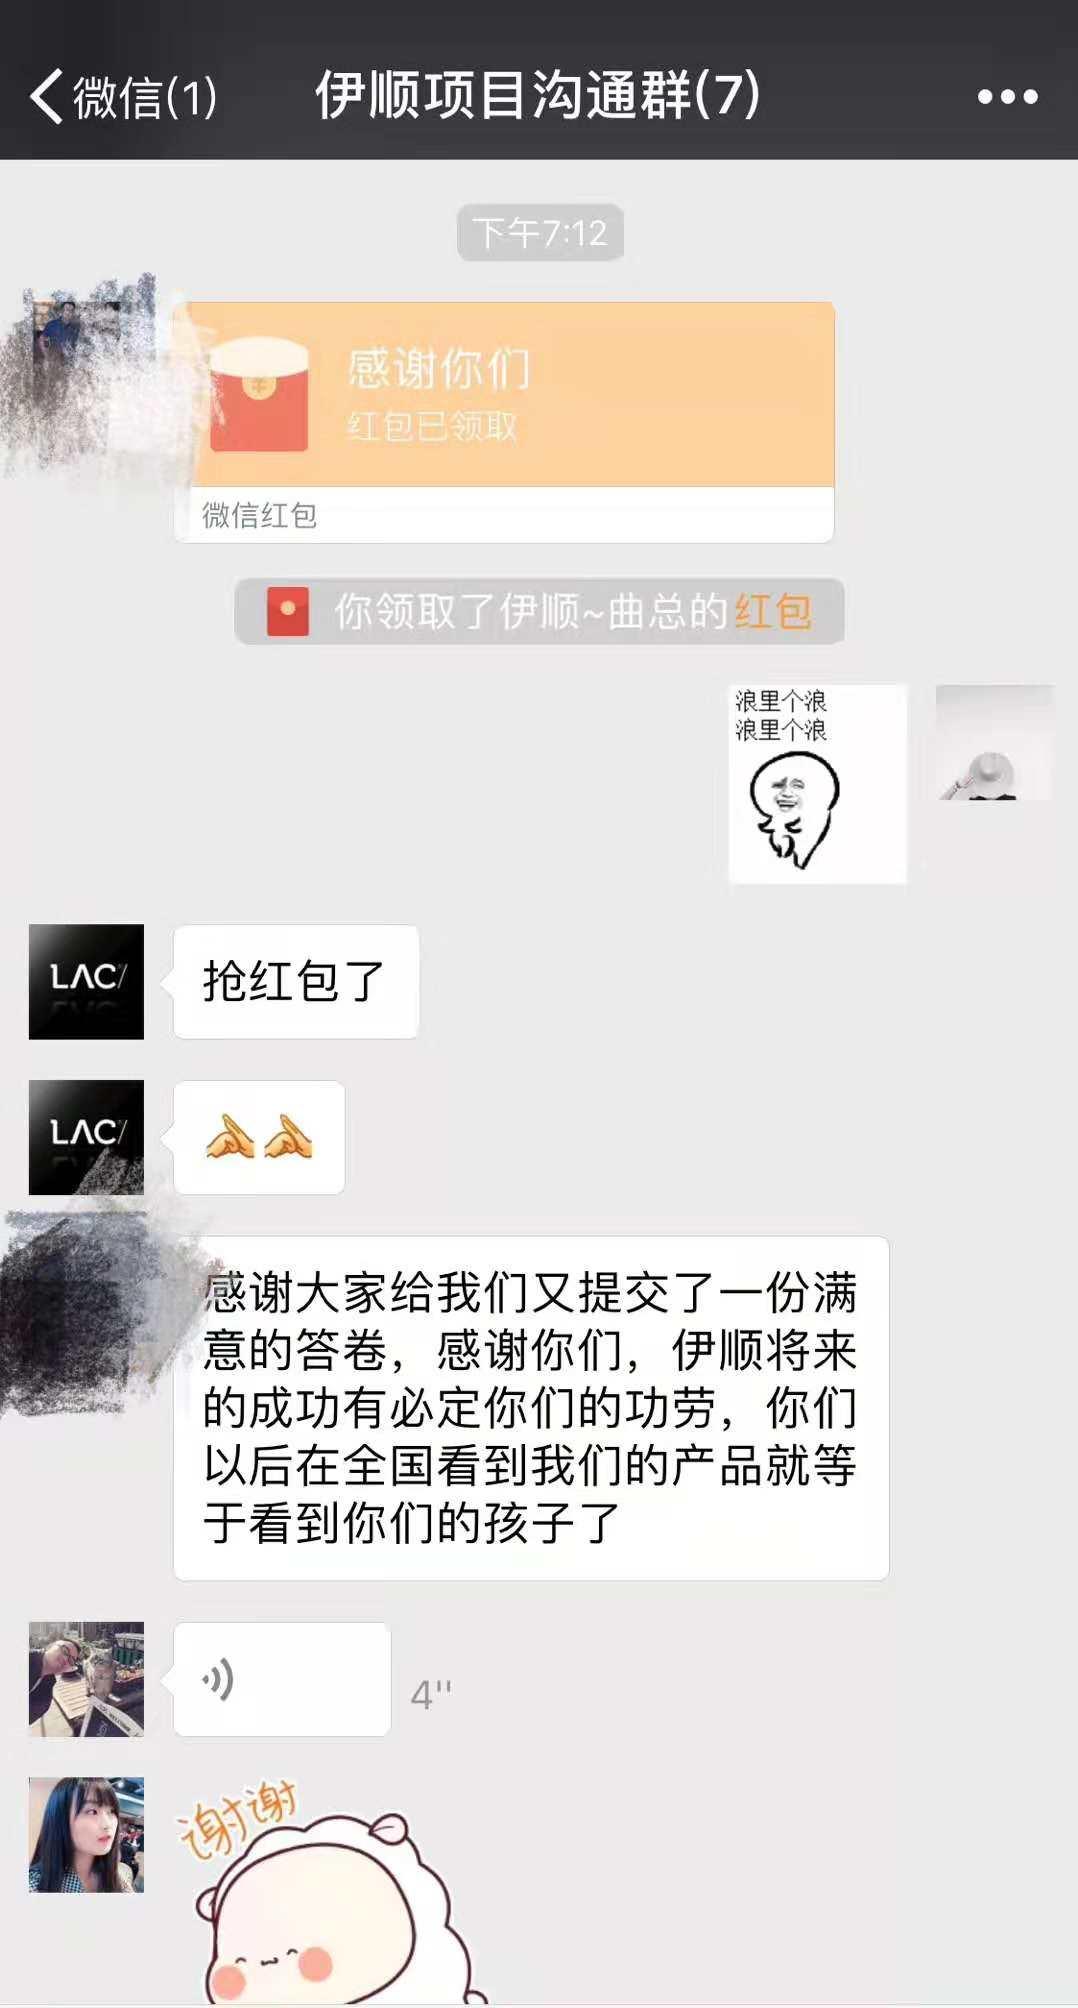 WeChat Image_20181109124129.jpg